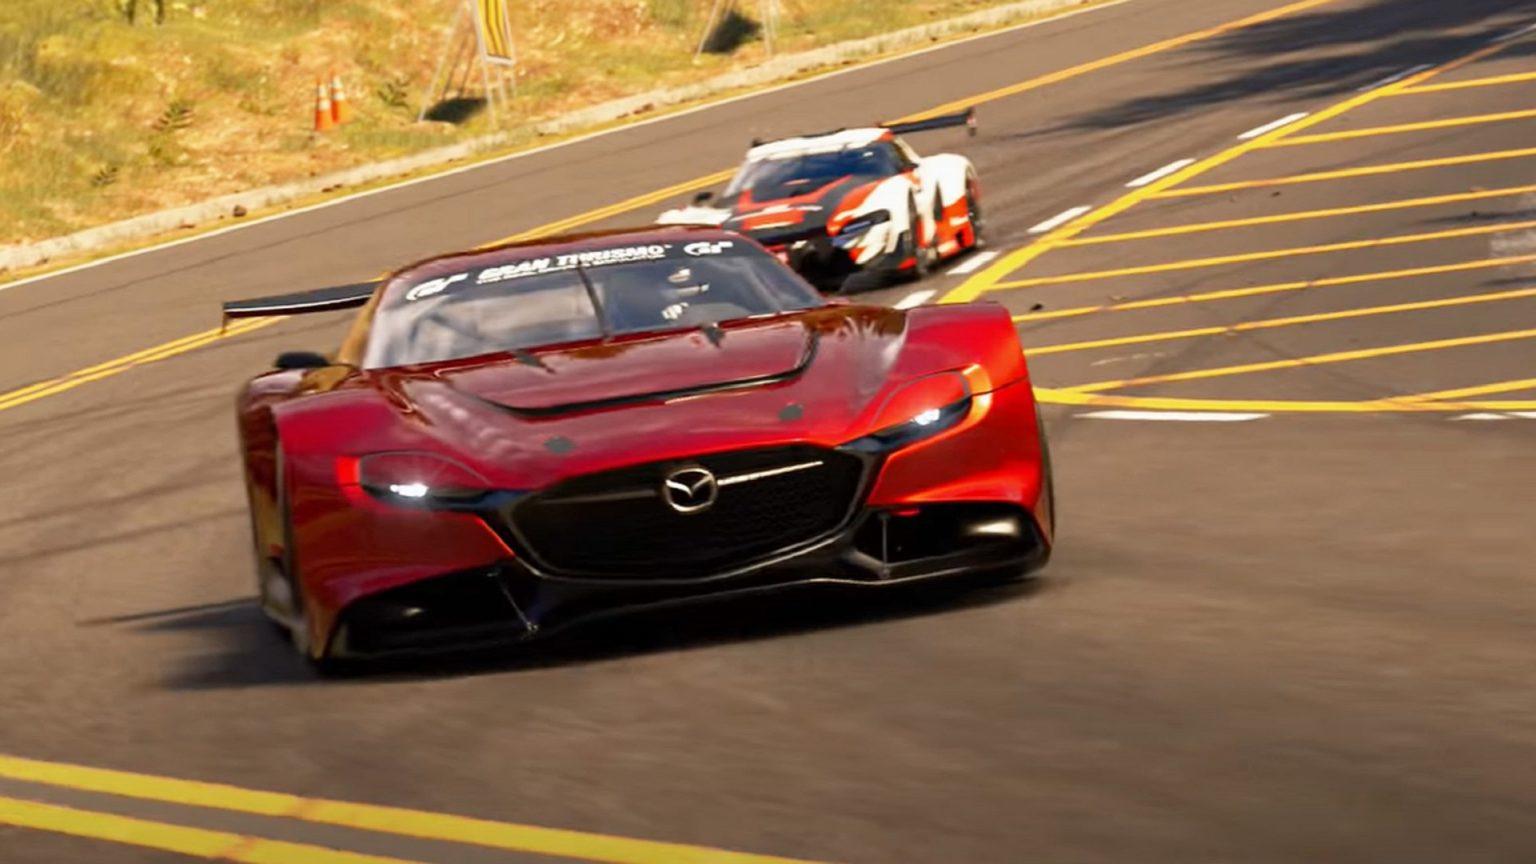 کراس پلتفرم در بازی Gran Turismo 7